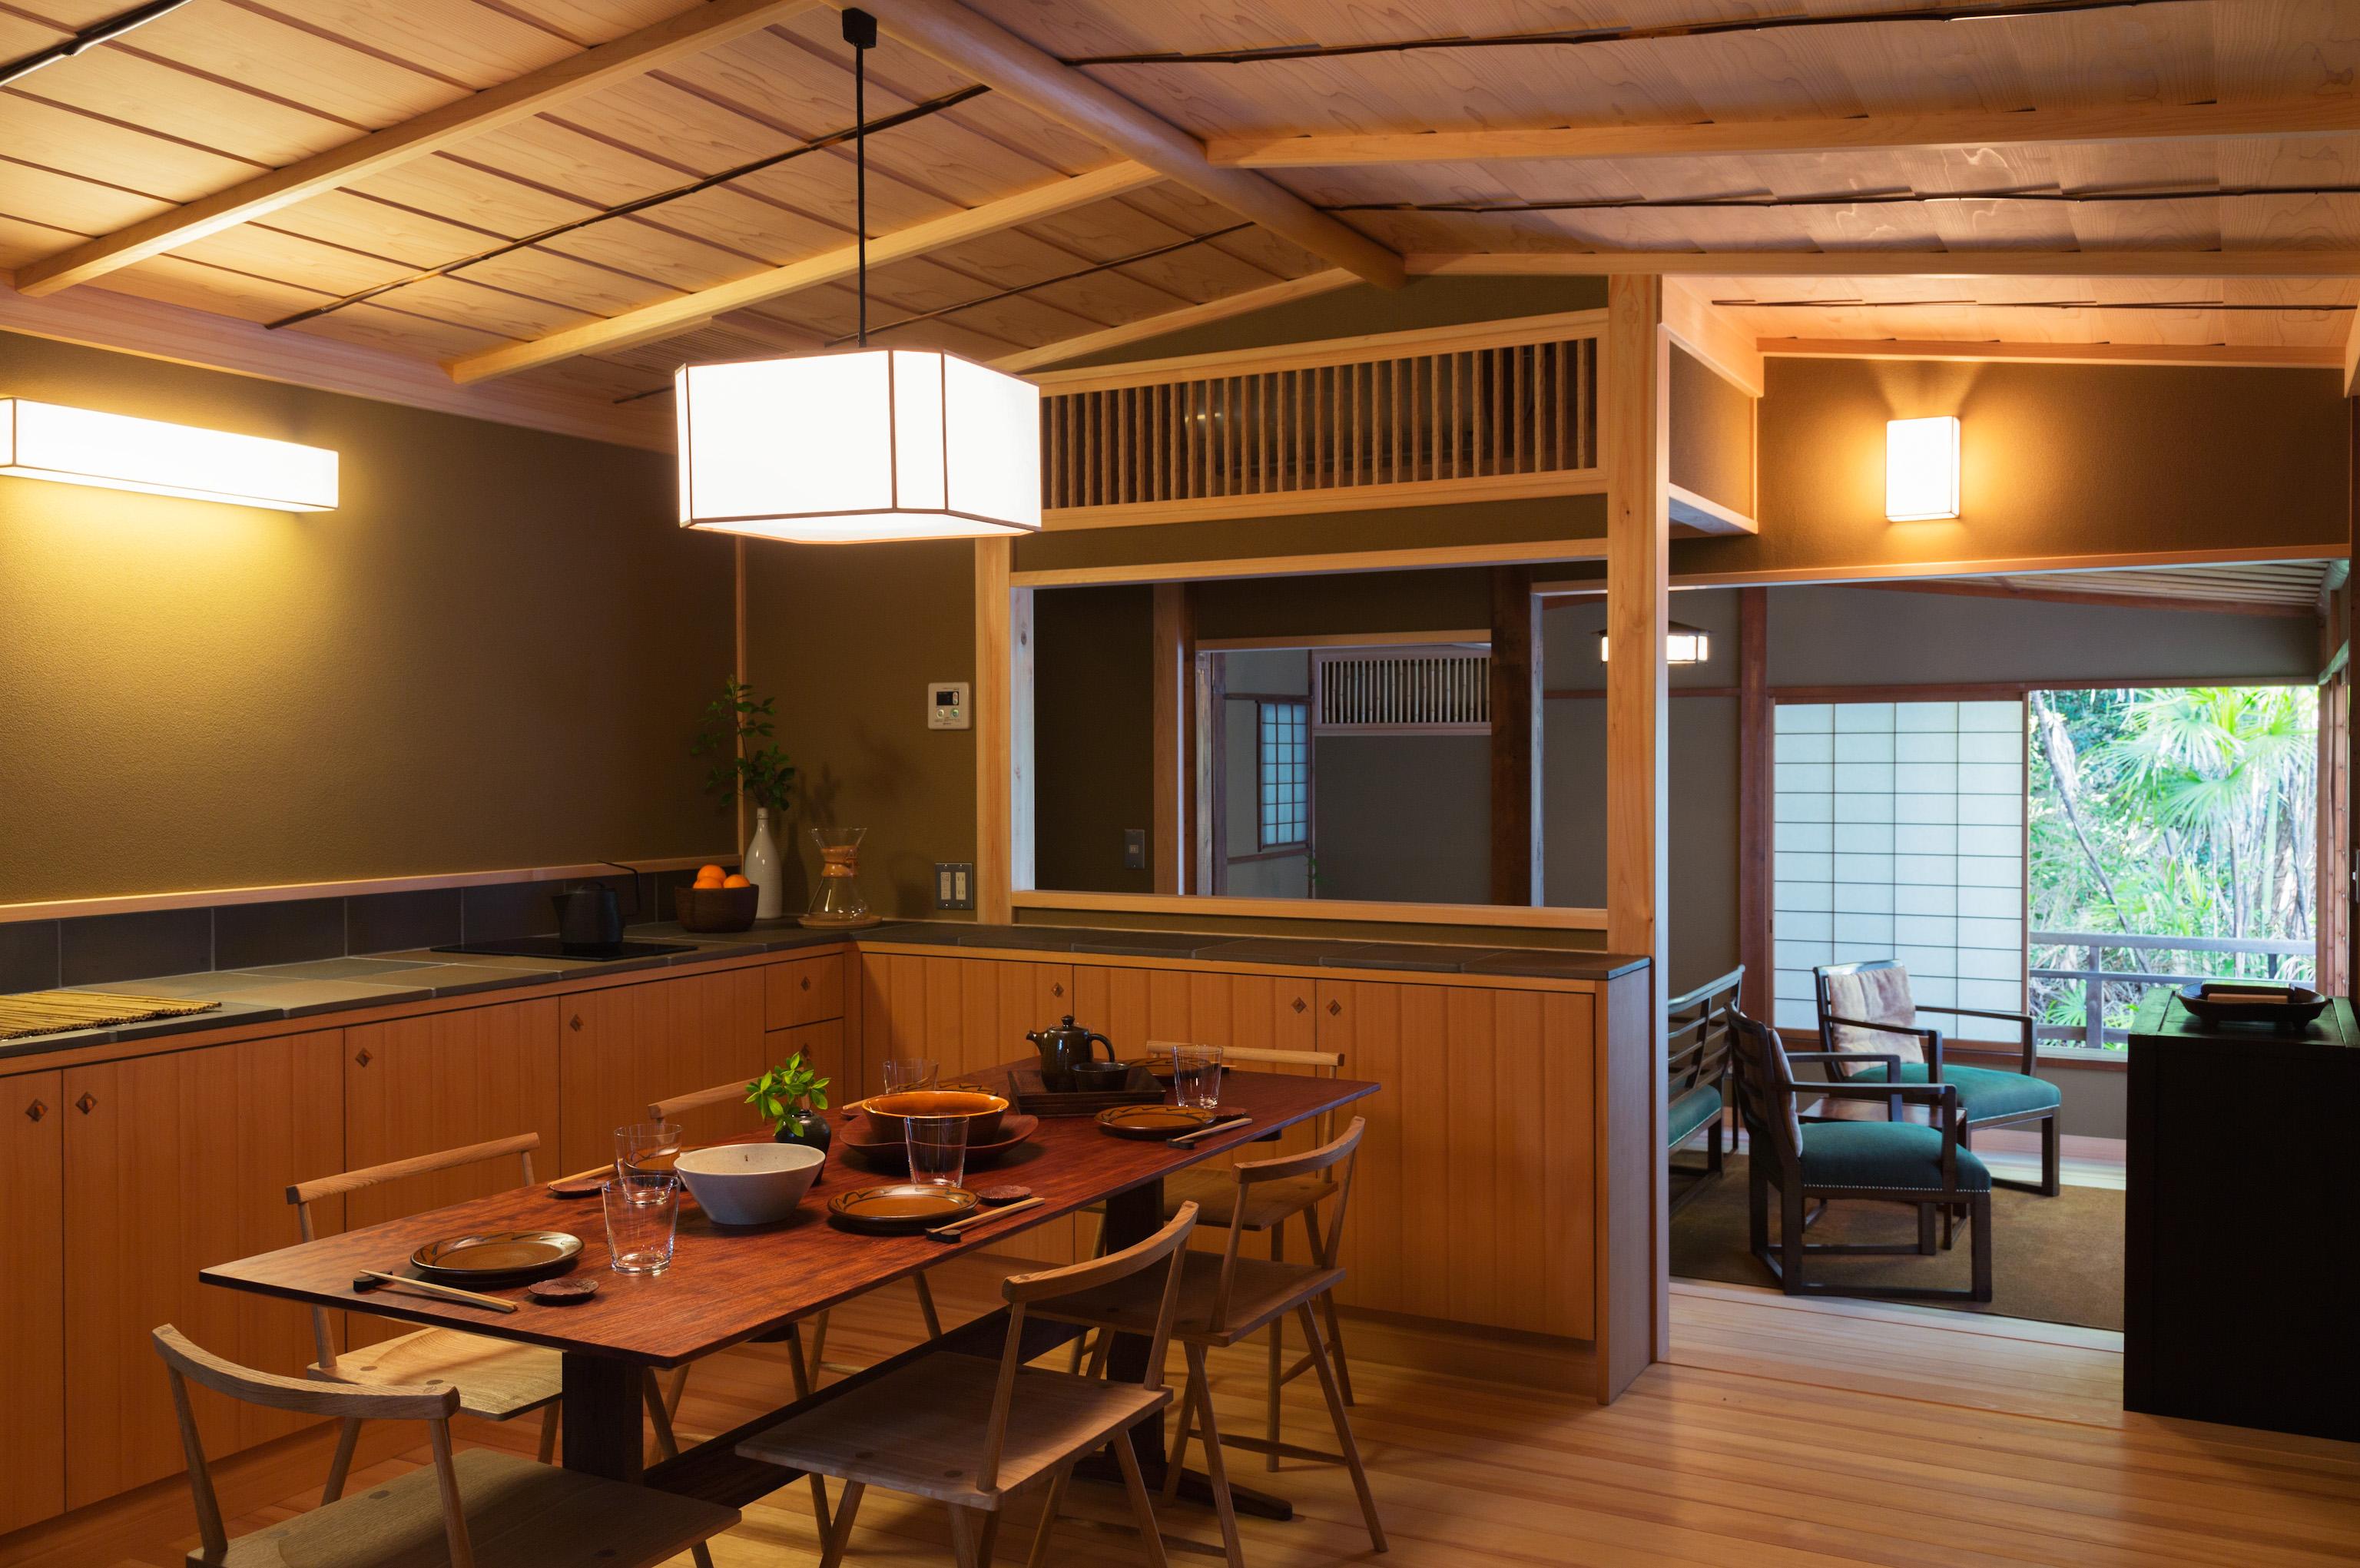 ダイニングキッチンでは、料理を楽しむことも。/出雲屋敷「雲」